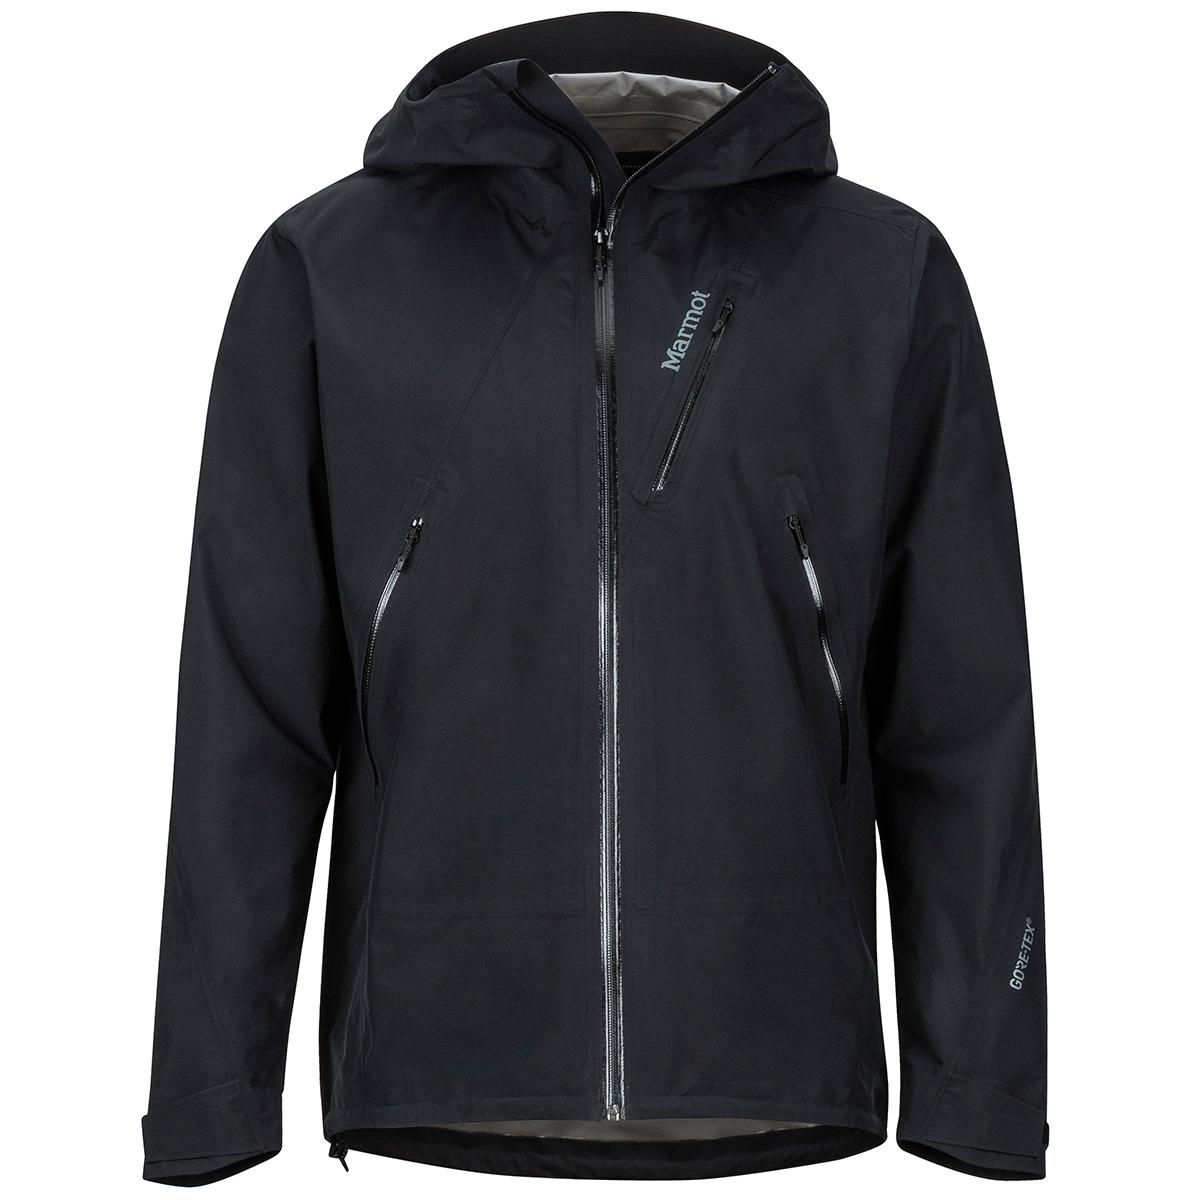 Marmot Men's Knife Edge Jacket - Black, L